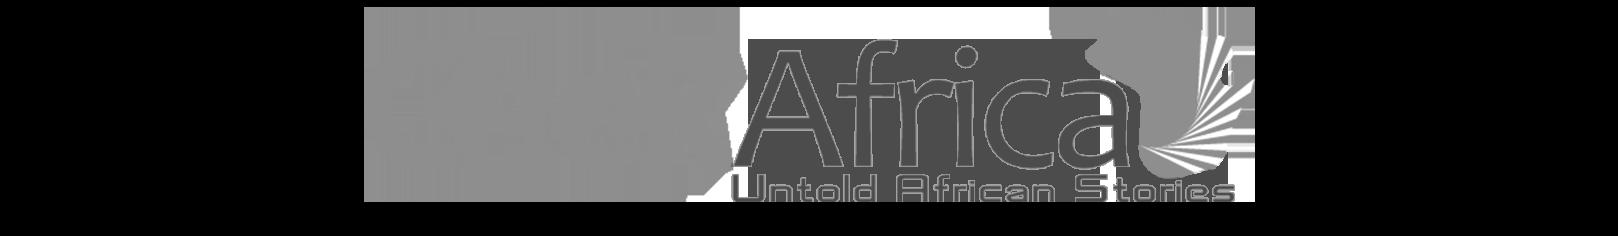 CheckAfrica_logo-grey